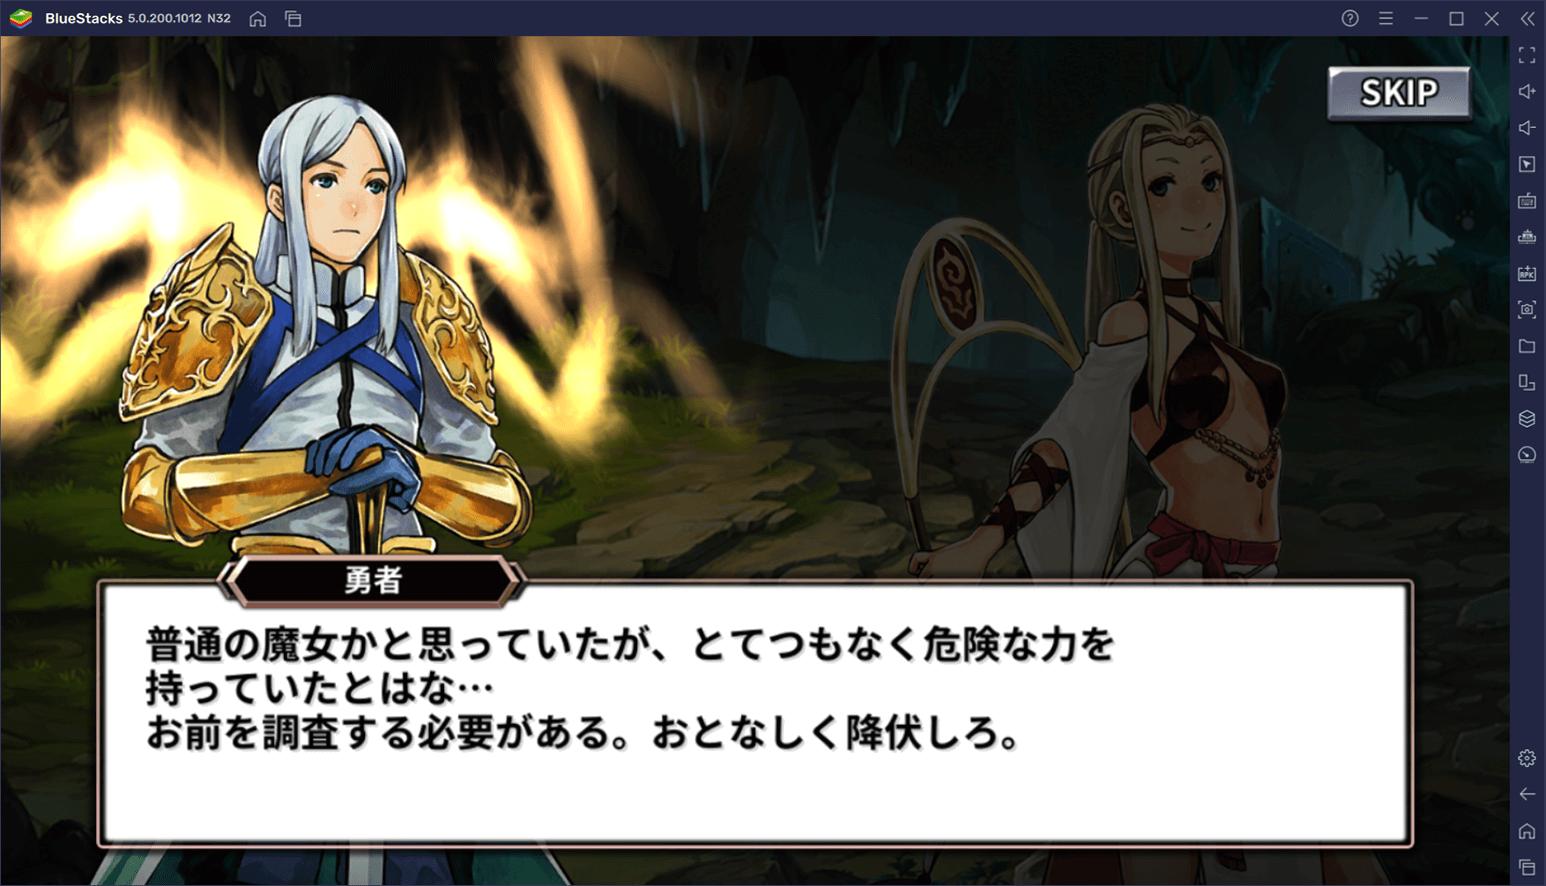 BlueStacksを使ってPCで『箱にされた勇者 – 放置系RPG』を遊ぼう